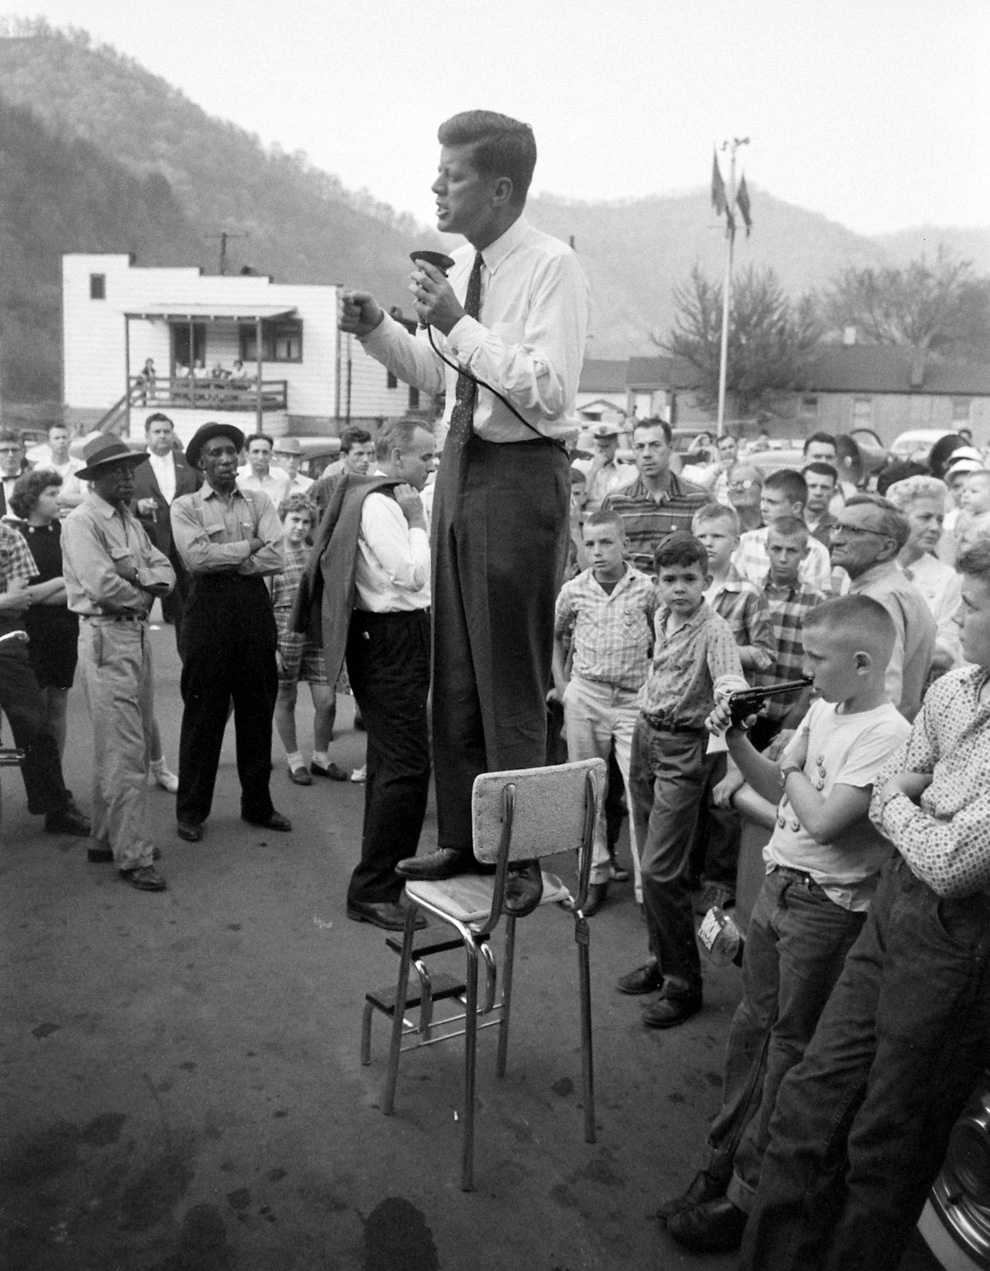 Джон Кеннеди выступает на предвыборном митинге, �